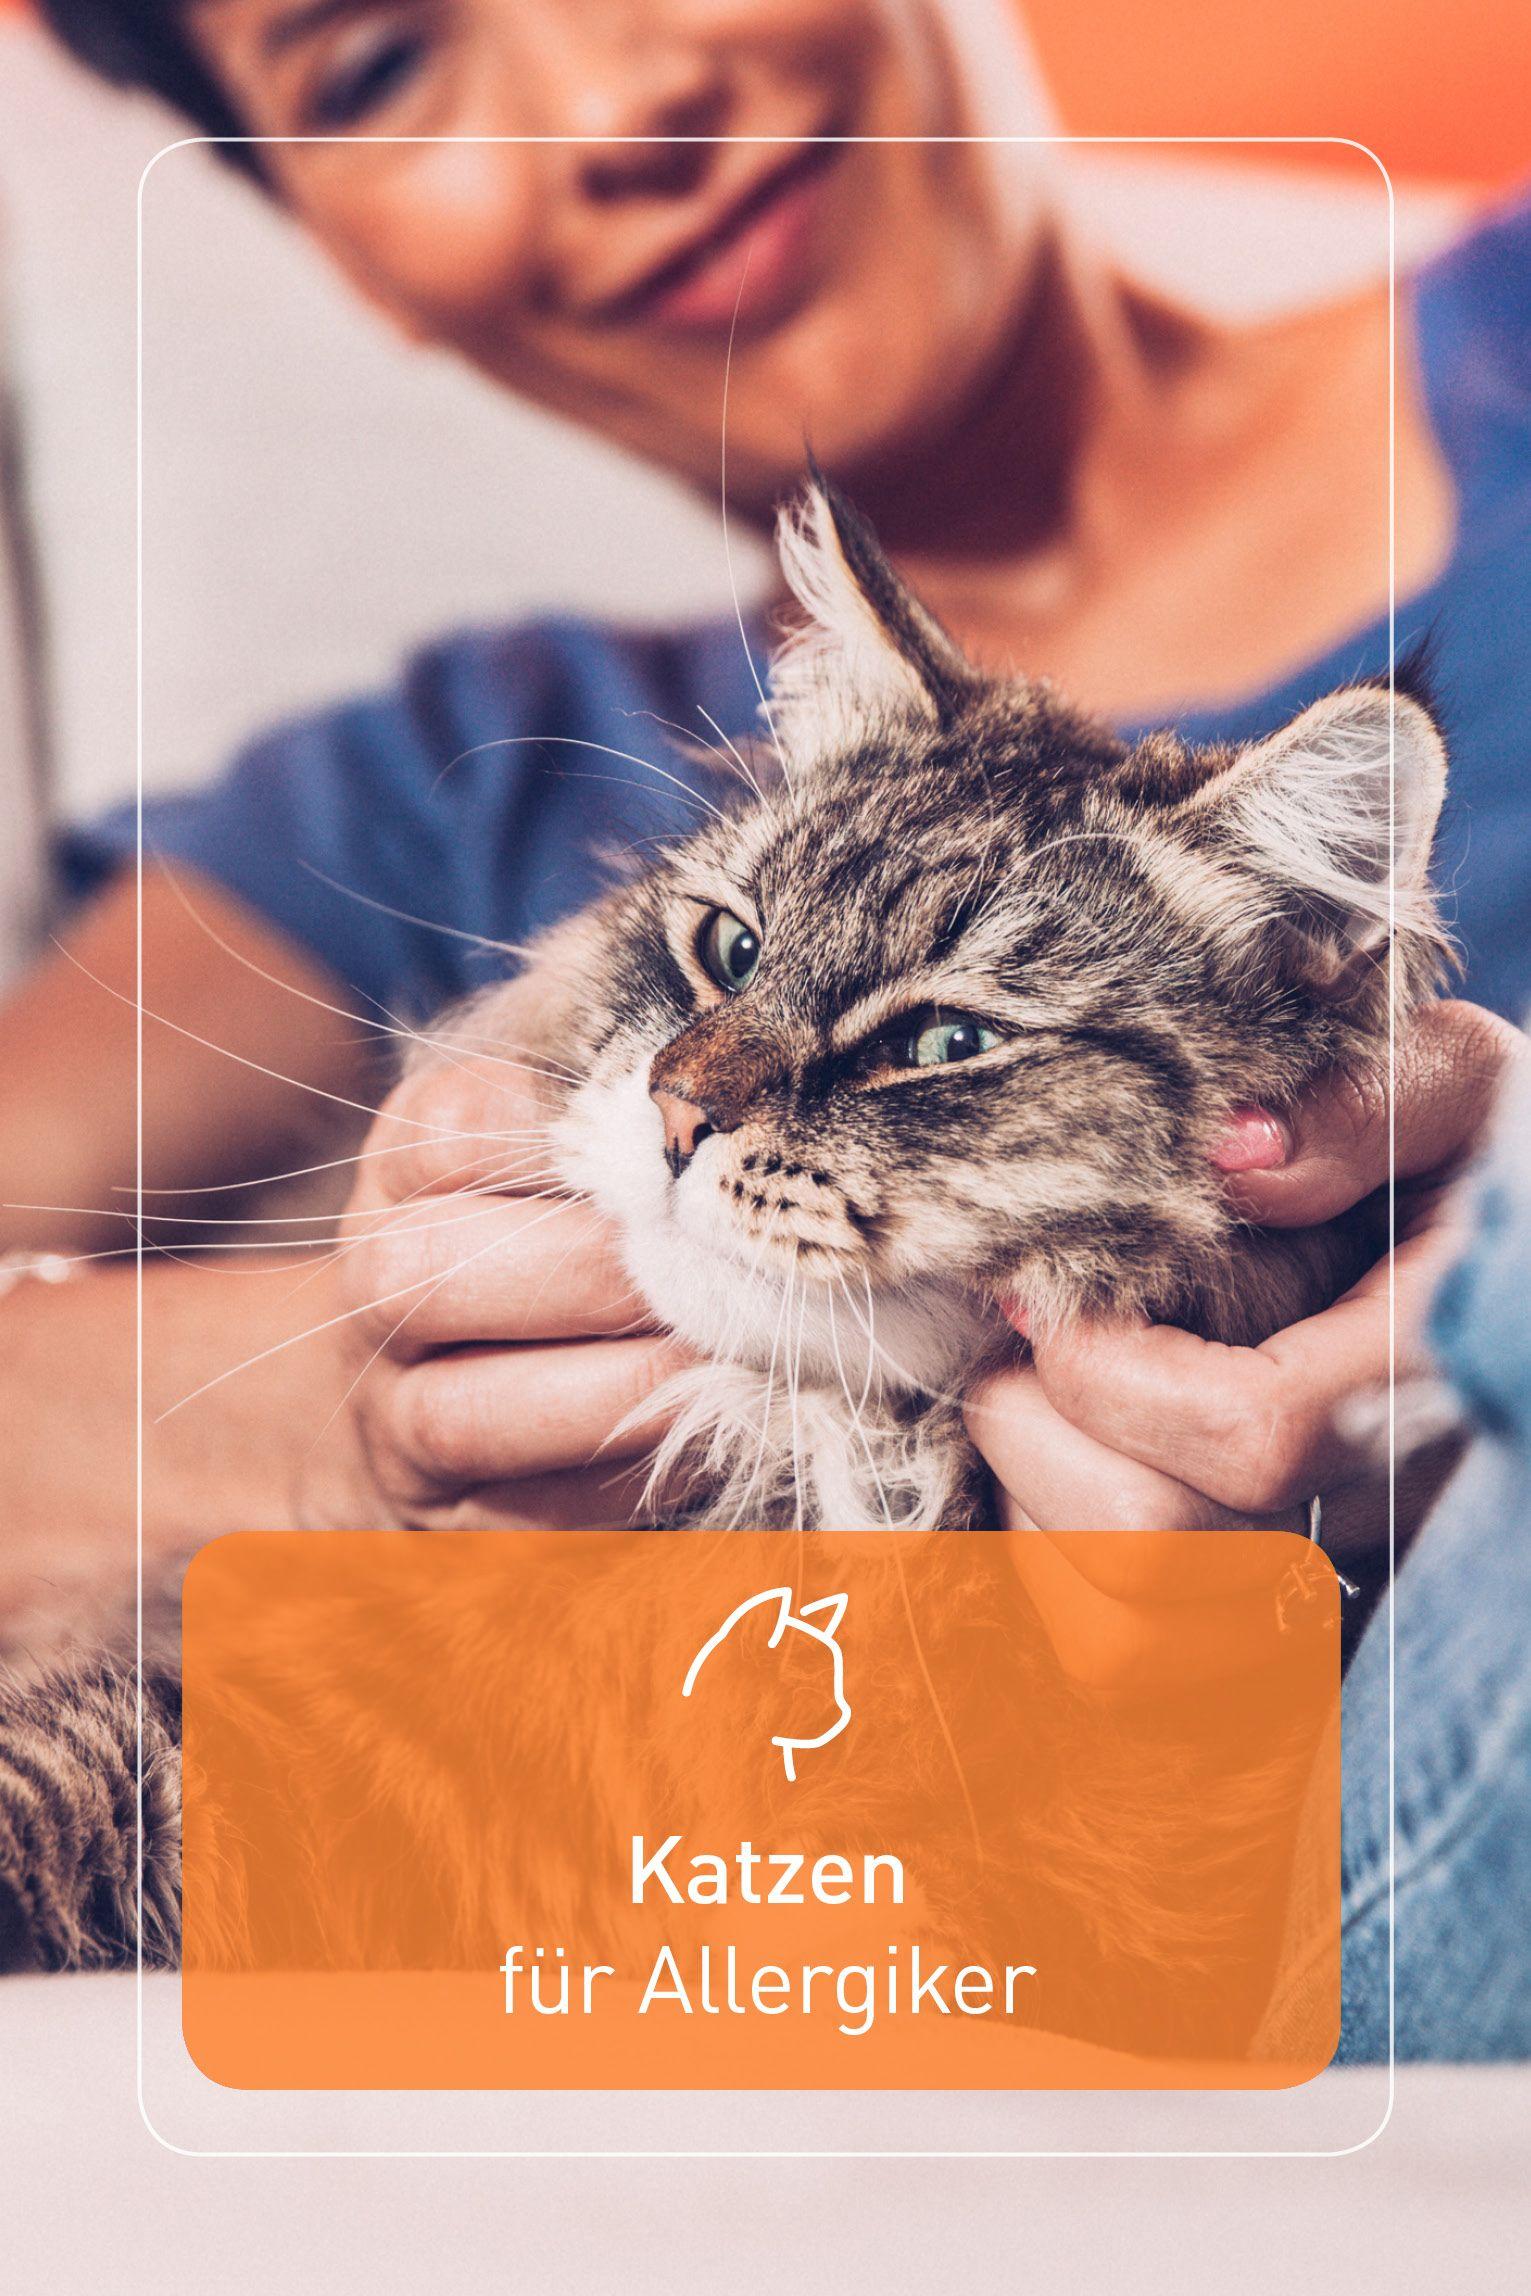 Aufatmen Trotz Stubentiger Konnen Auch Katzenhaarallergiker Die Frage Ist Nur Welche Katzenrasse Sich Am Besten Eign In 2020 Katzen Katzen Fur Allergiker Stubentiger